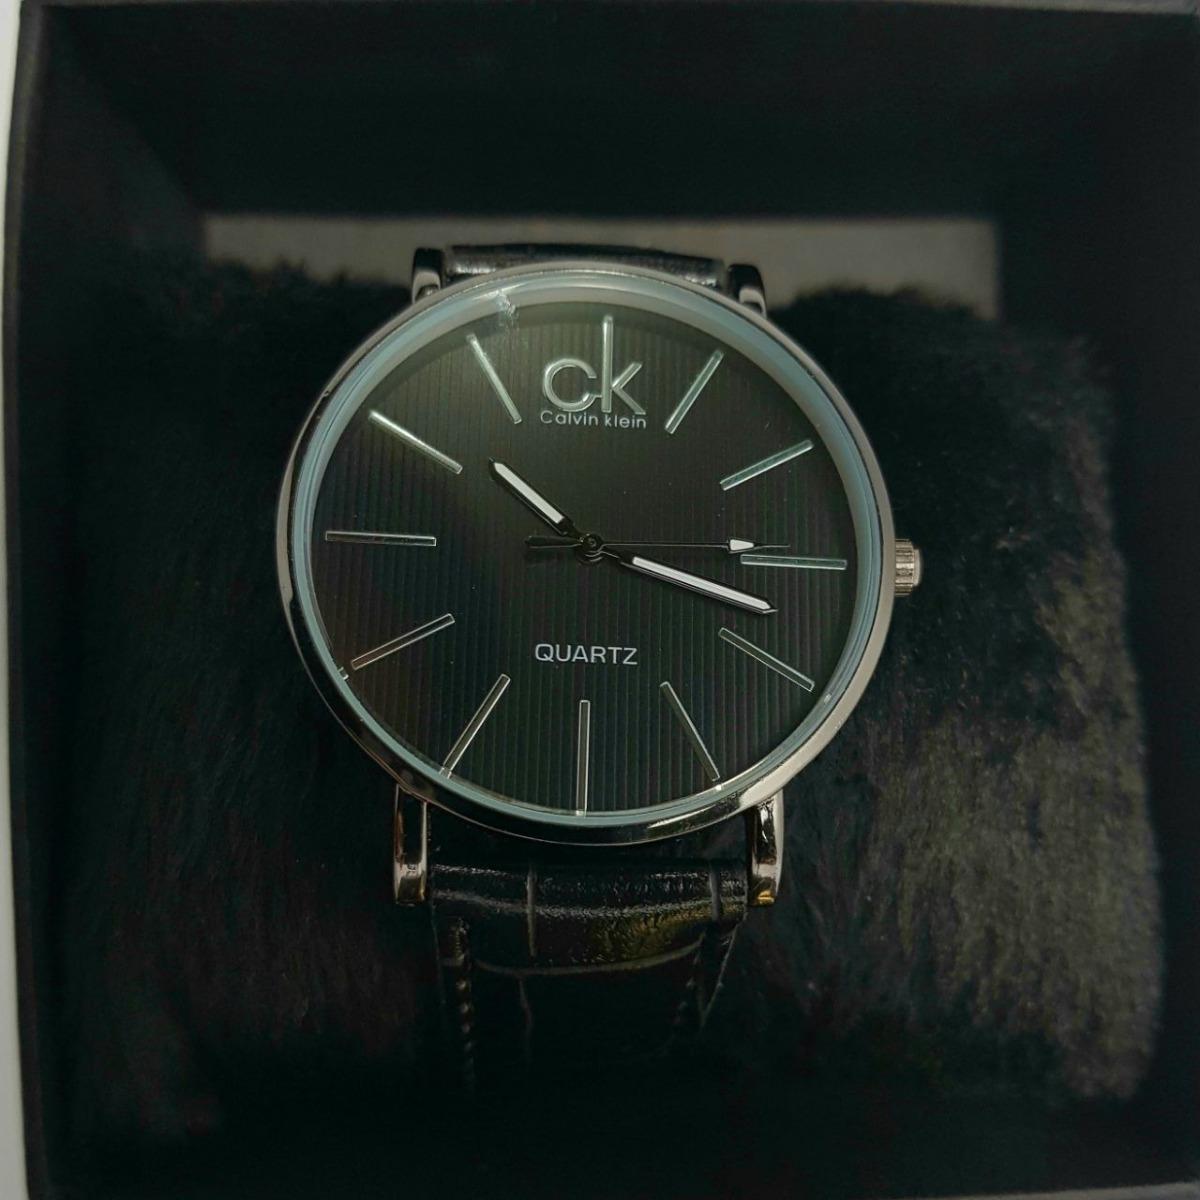 b5d8e27bd94 Relógio Masculino Social Preto Com Pulseira De Couro - R  49